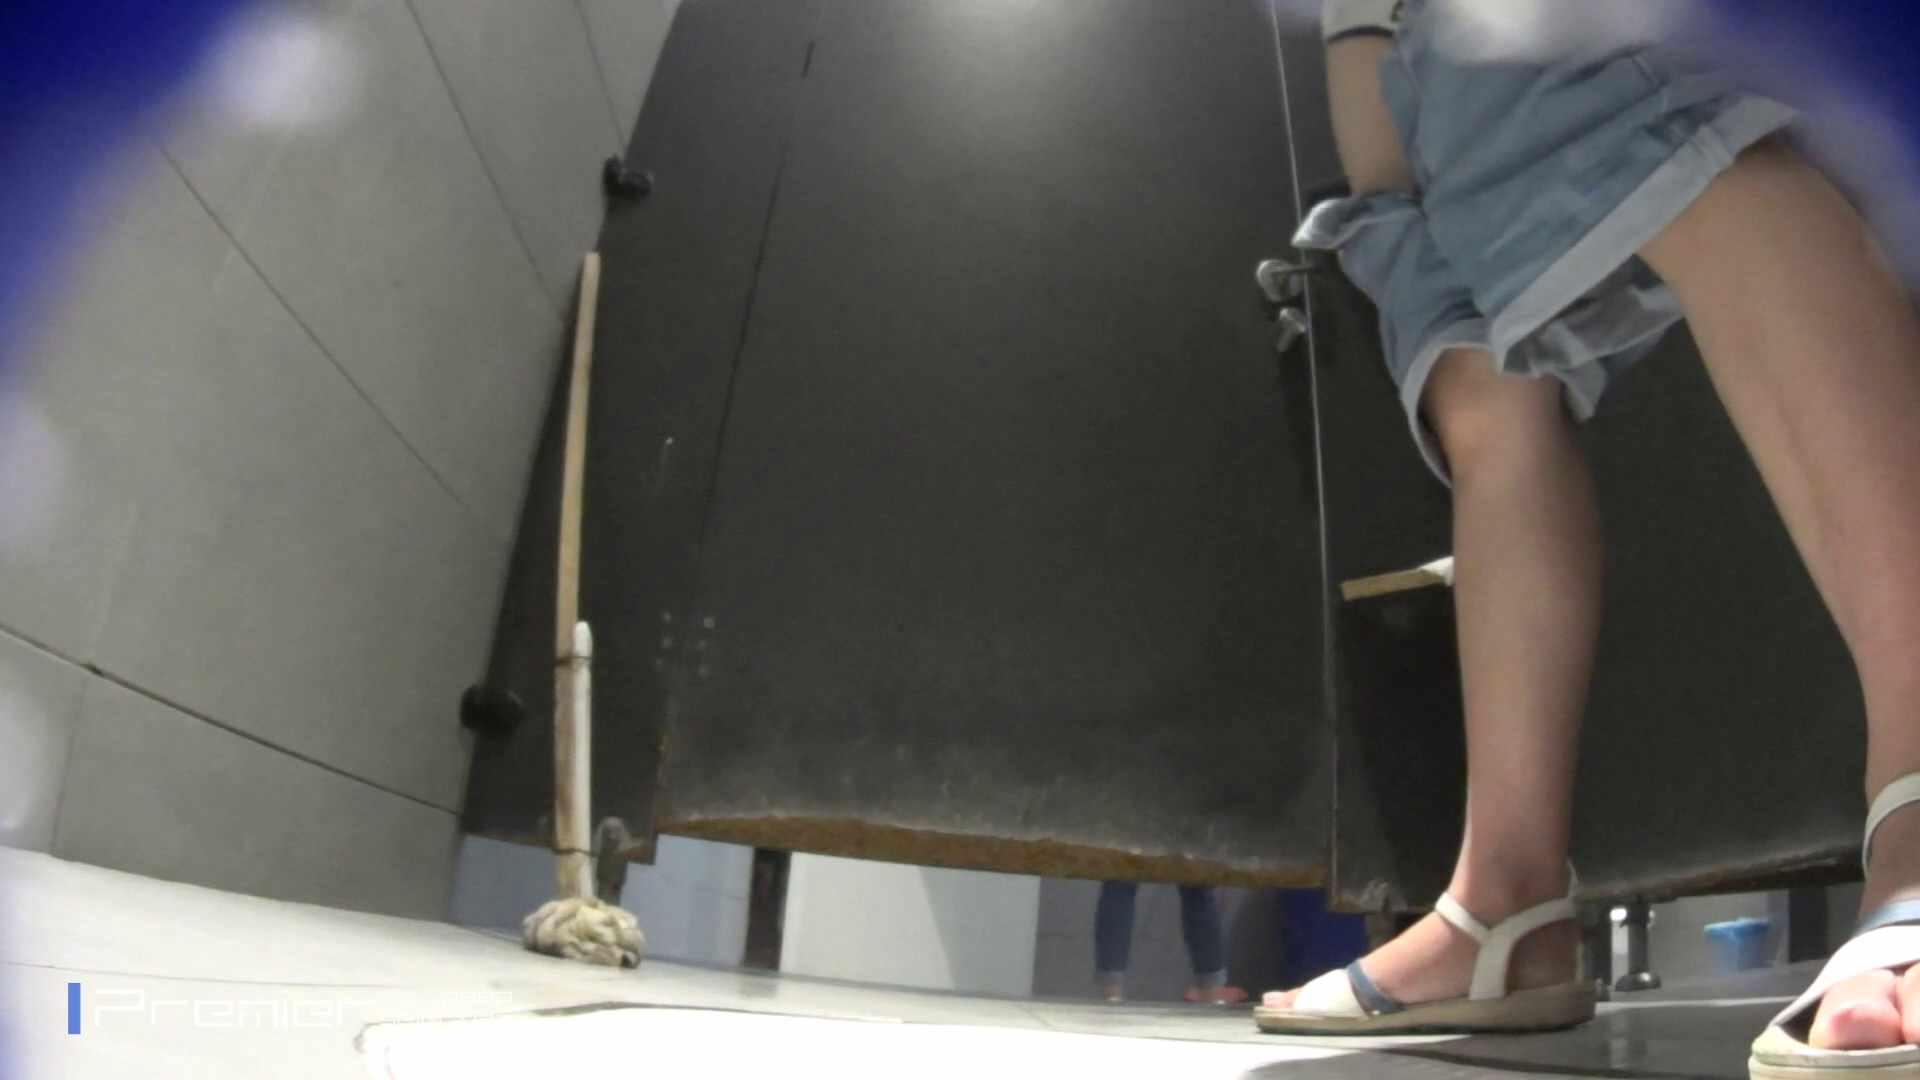 個室のドアを開けたまま放nyoする乙女 大学休憩時間の洗面所事情85 お姉さんのSEX おめこ無修正画像 88枚 17